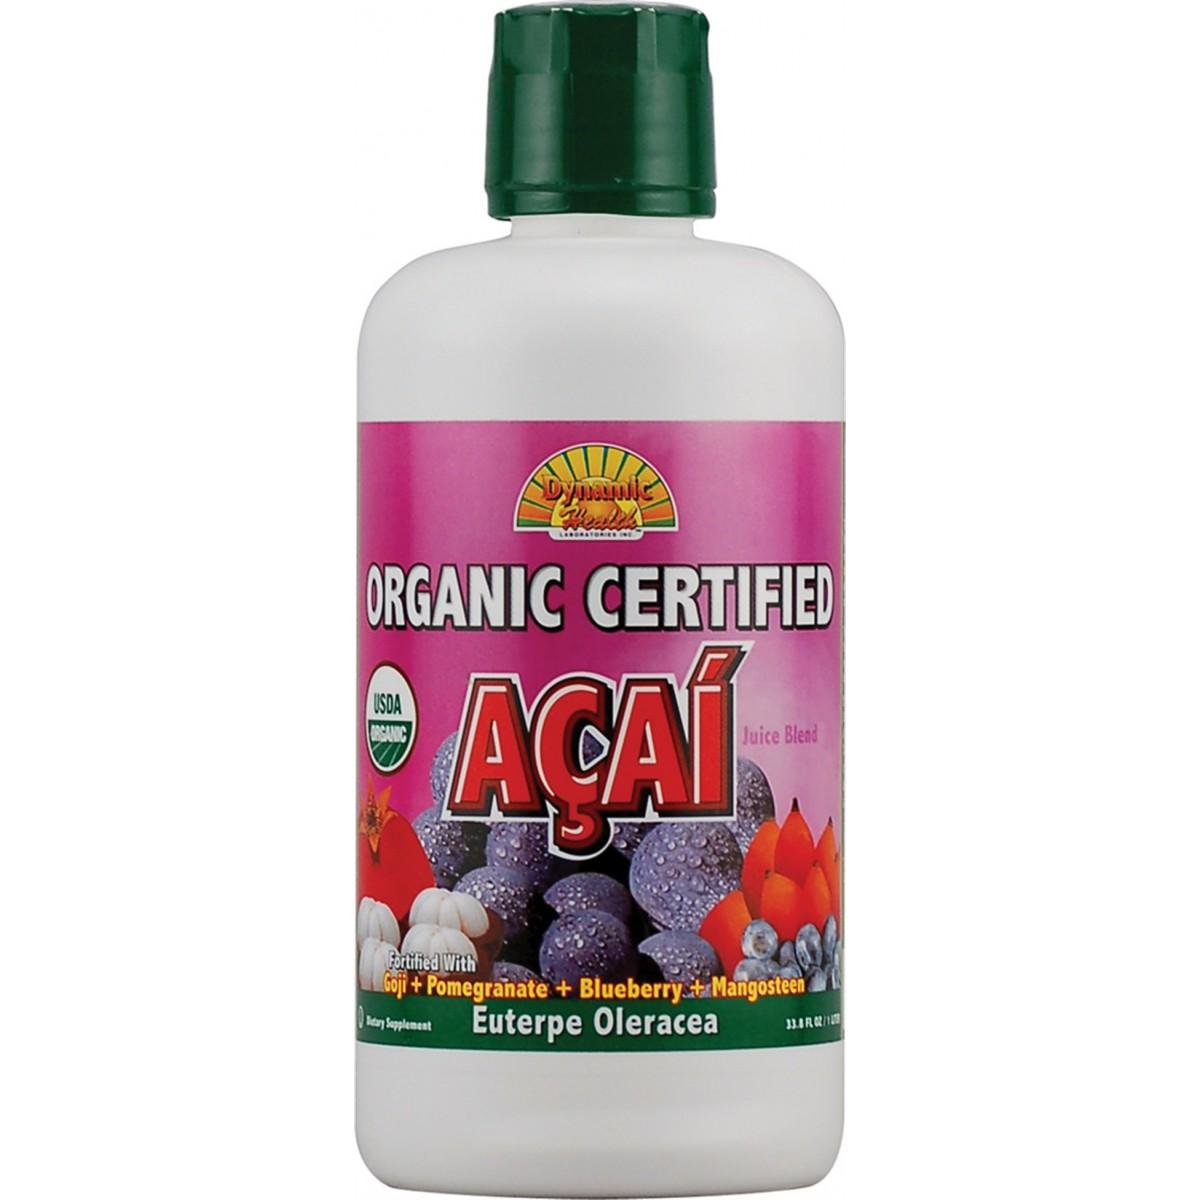 Acai blend juice